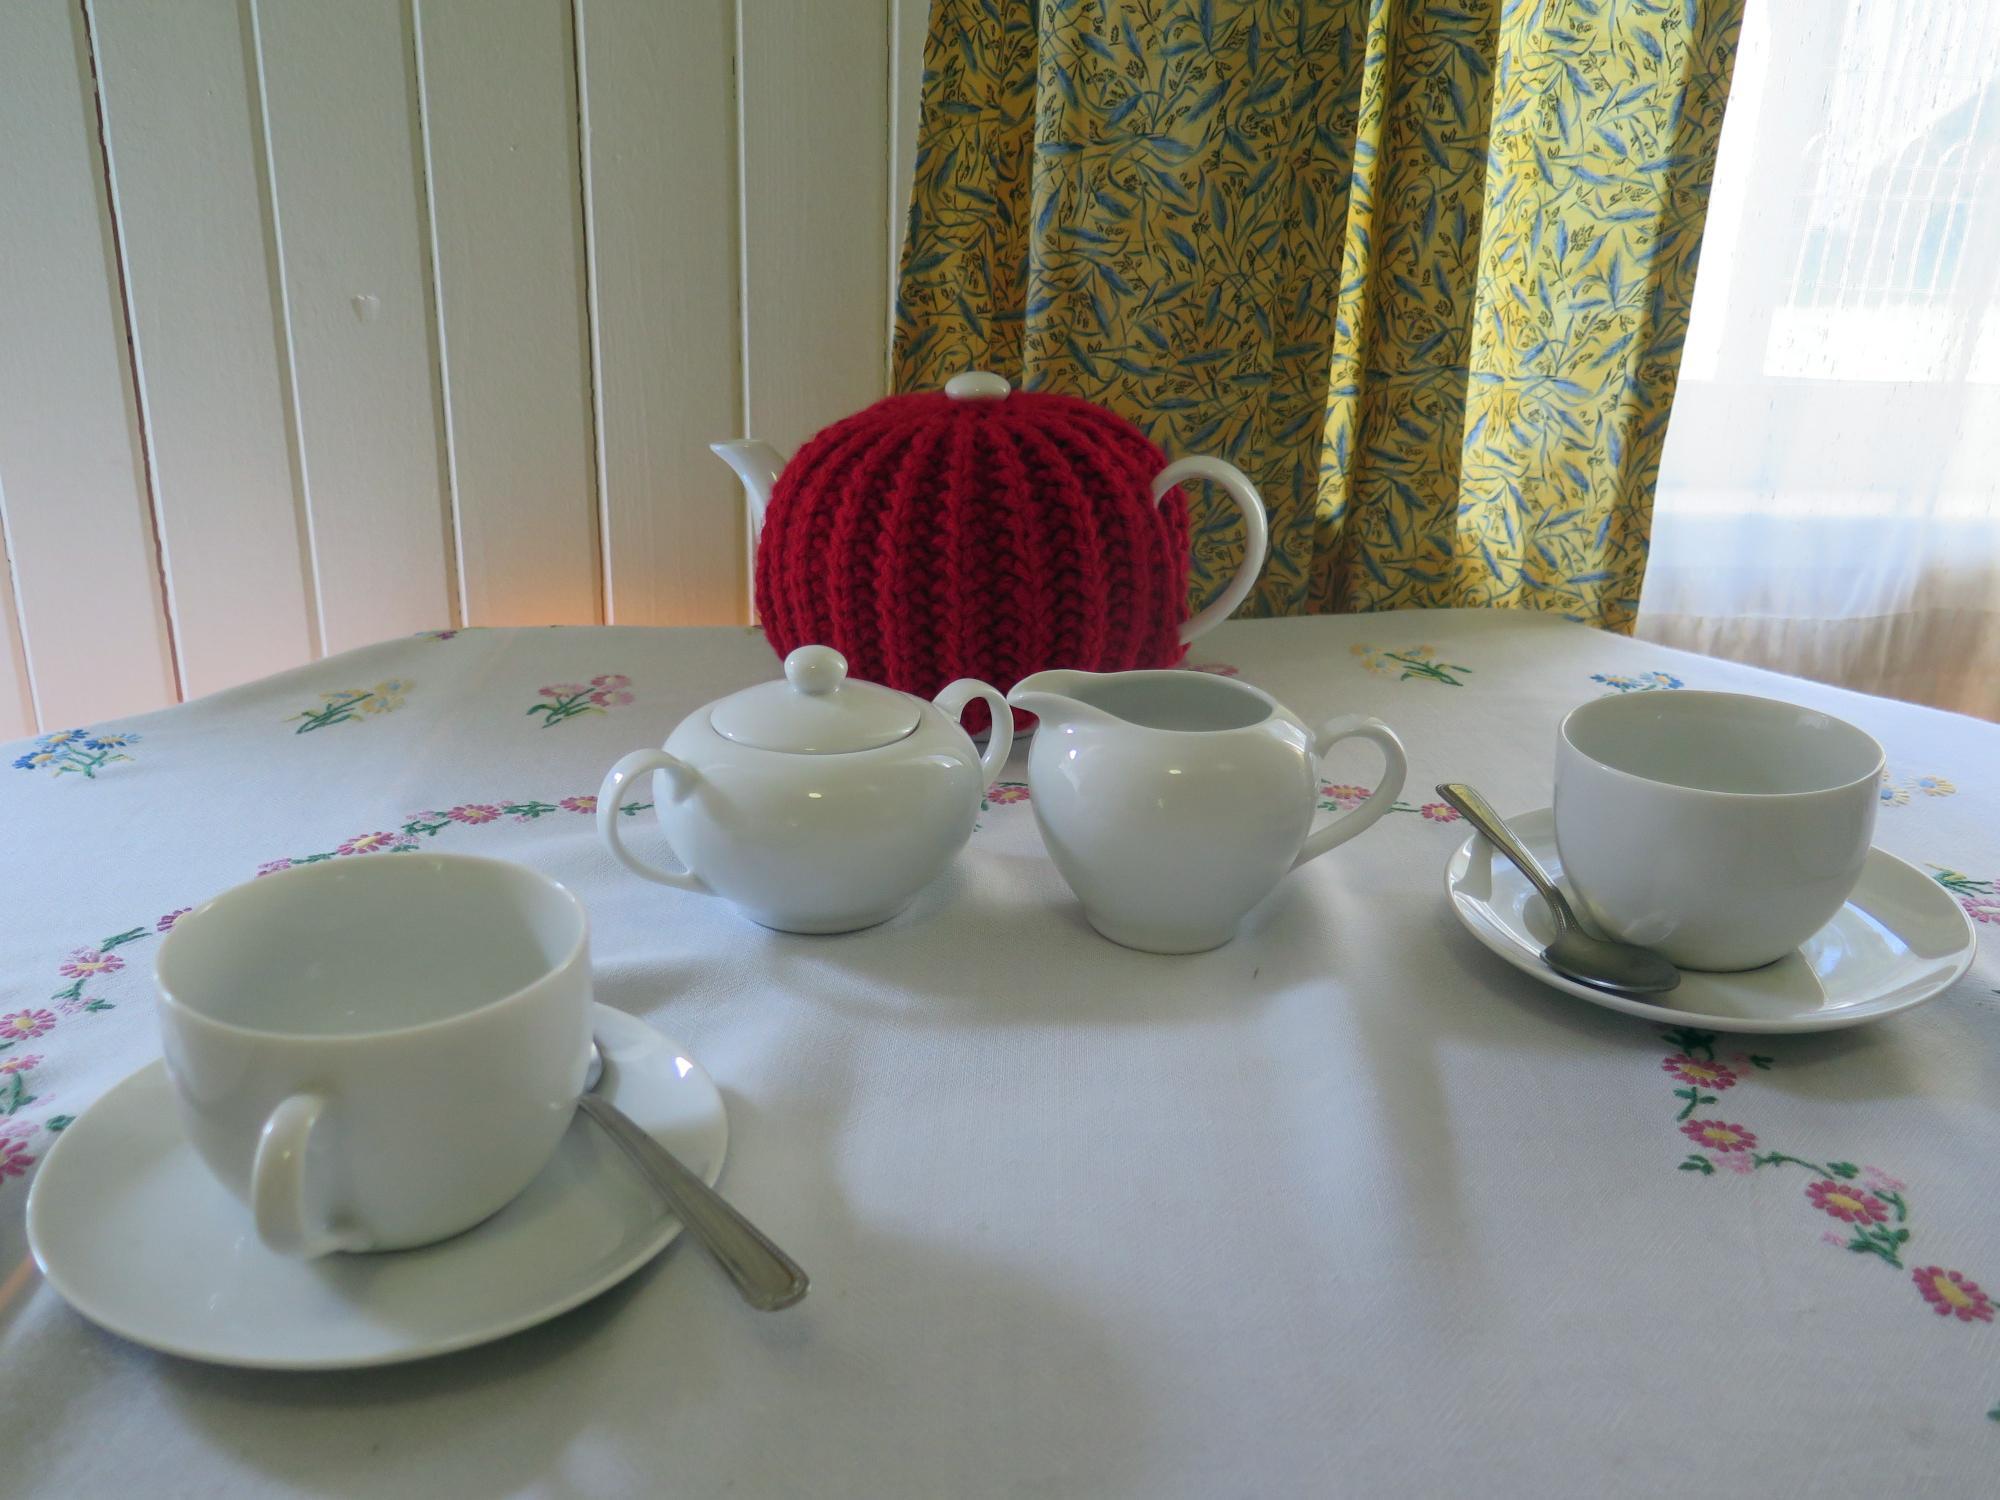 Teekanne, Teetasse auf Tisch